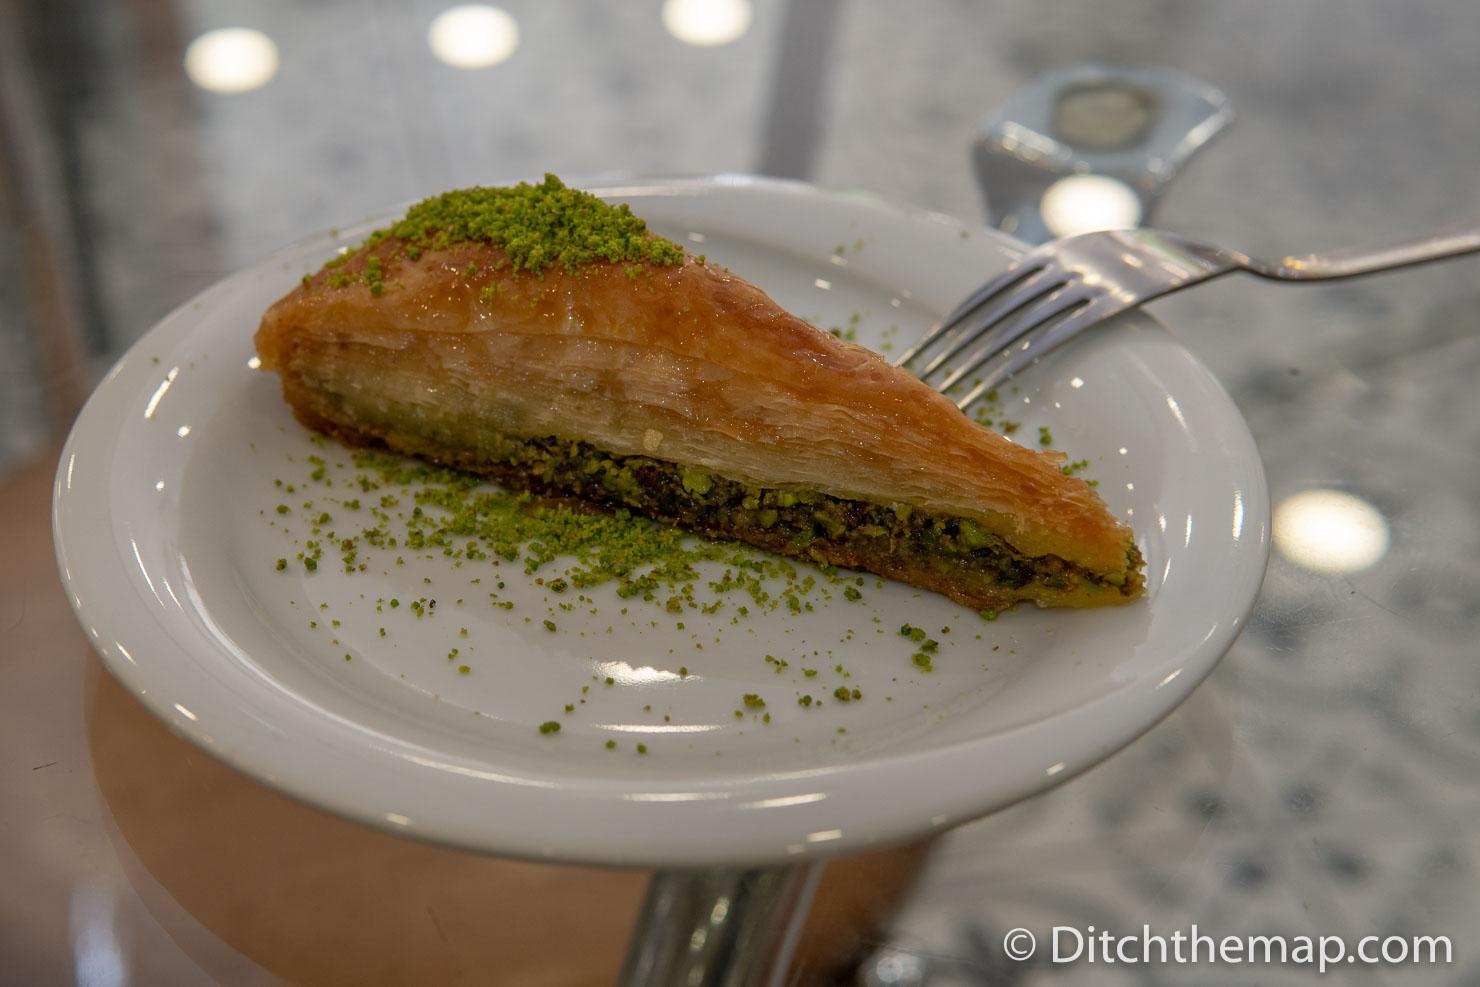 Sharing a Slice of Baklava